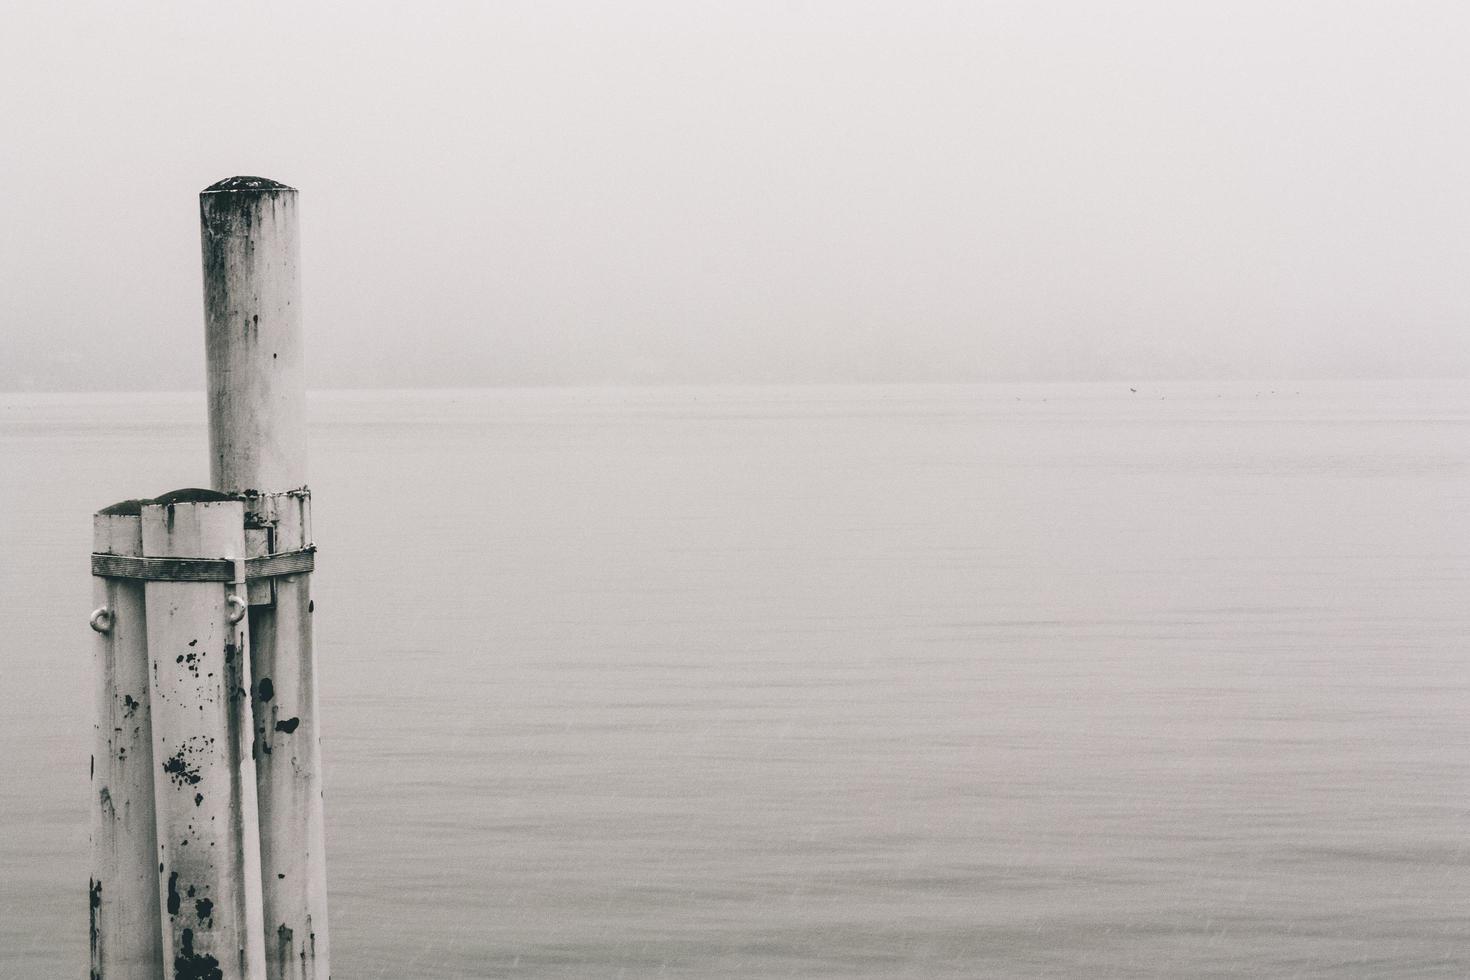 Poteau en bois blanc sur l'eau de mer photo